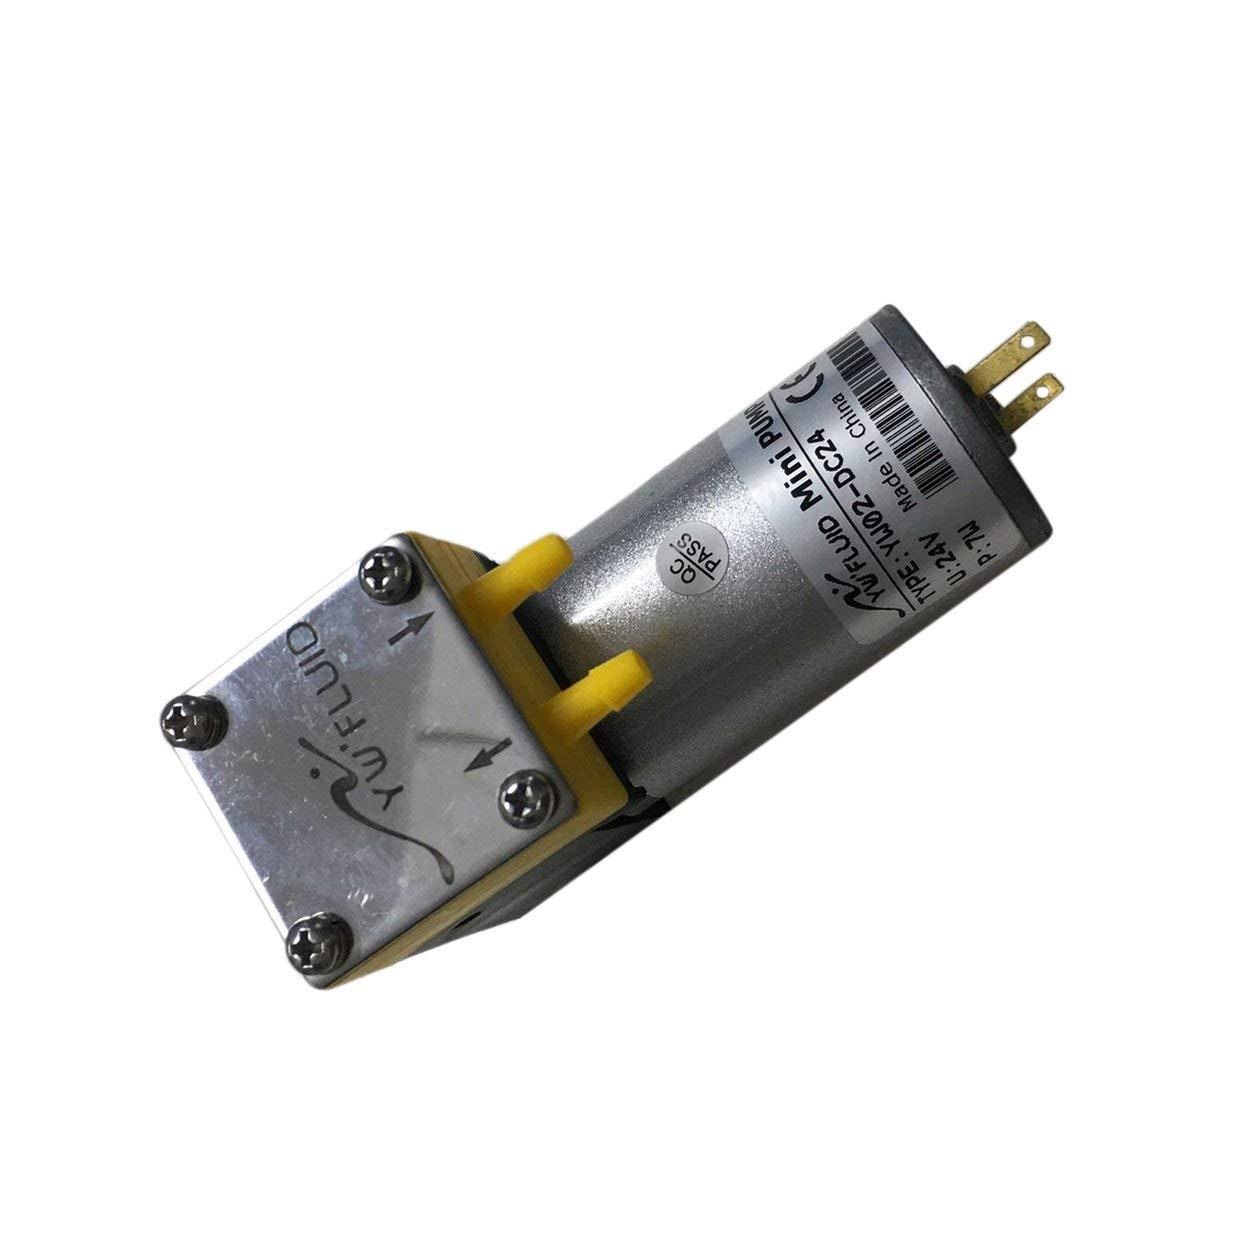 banbie8409 12V / 24V mini pompe d'aspiration de Suctio de pompe à vide de diaphragme de compresseur de pompe à vide